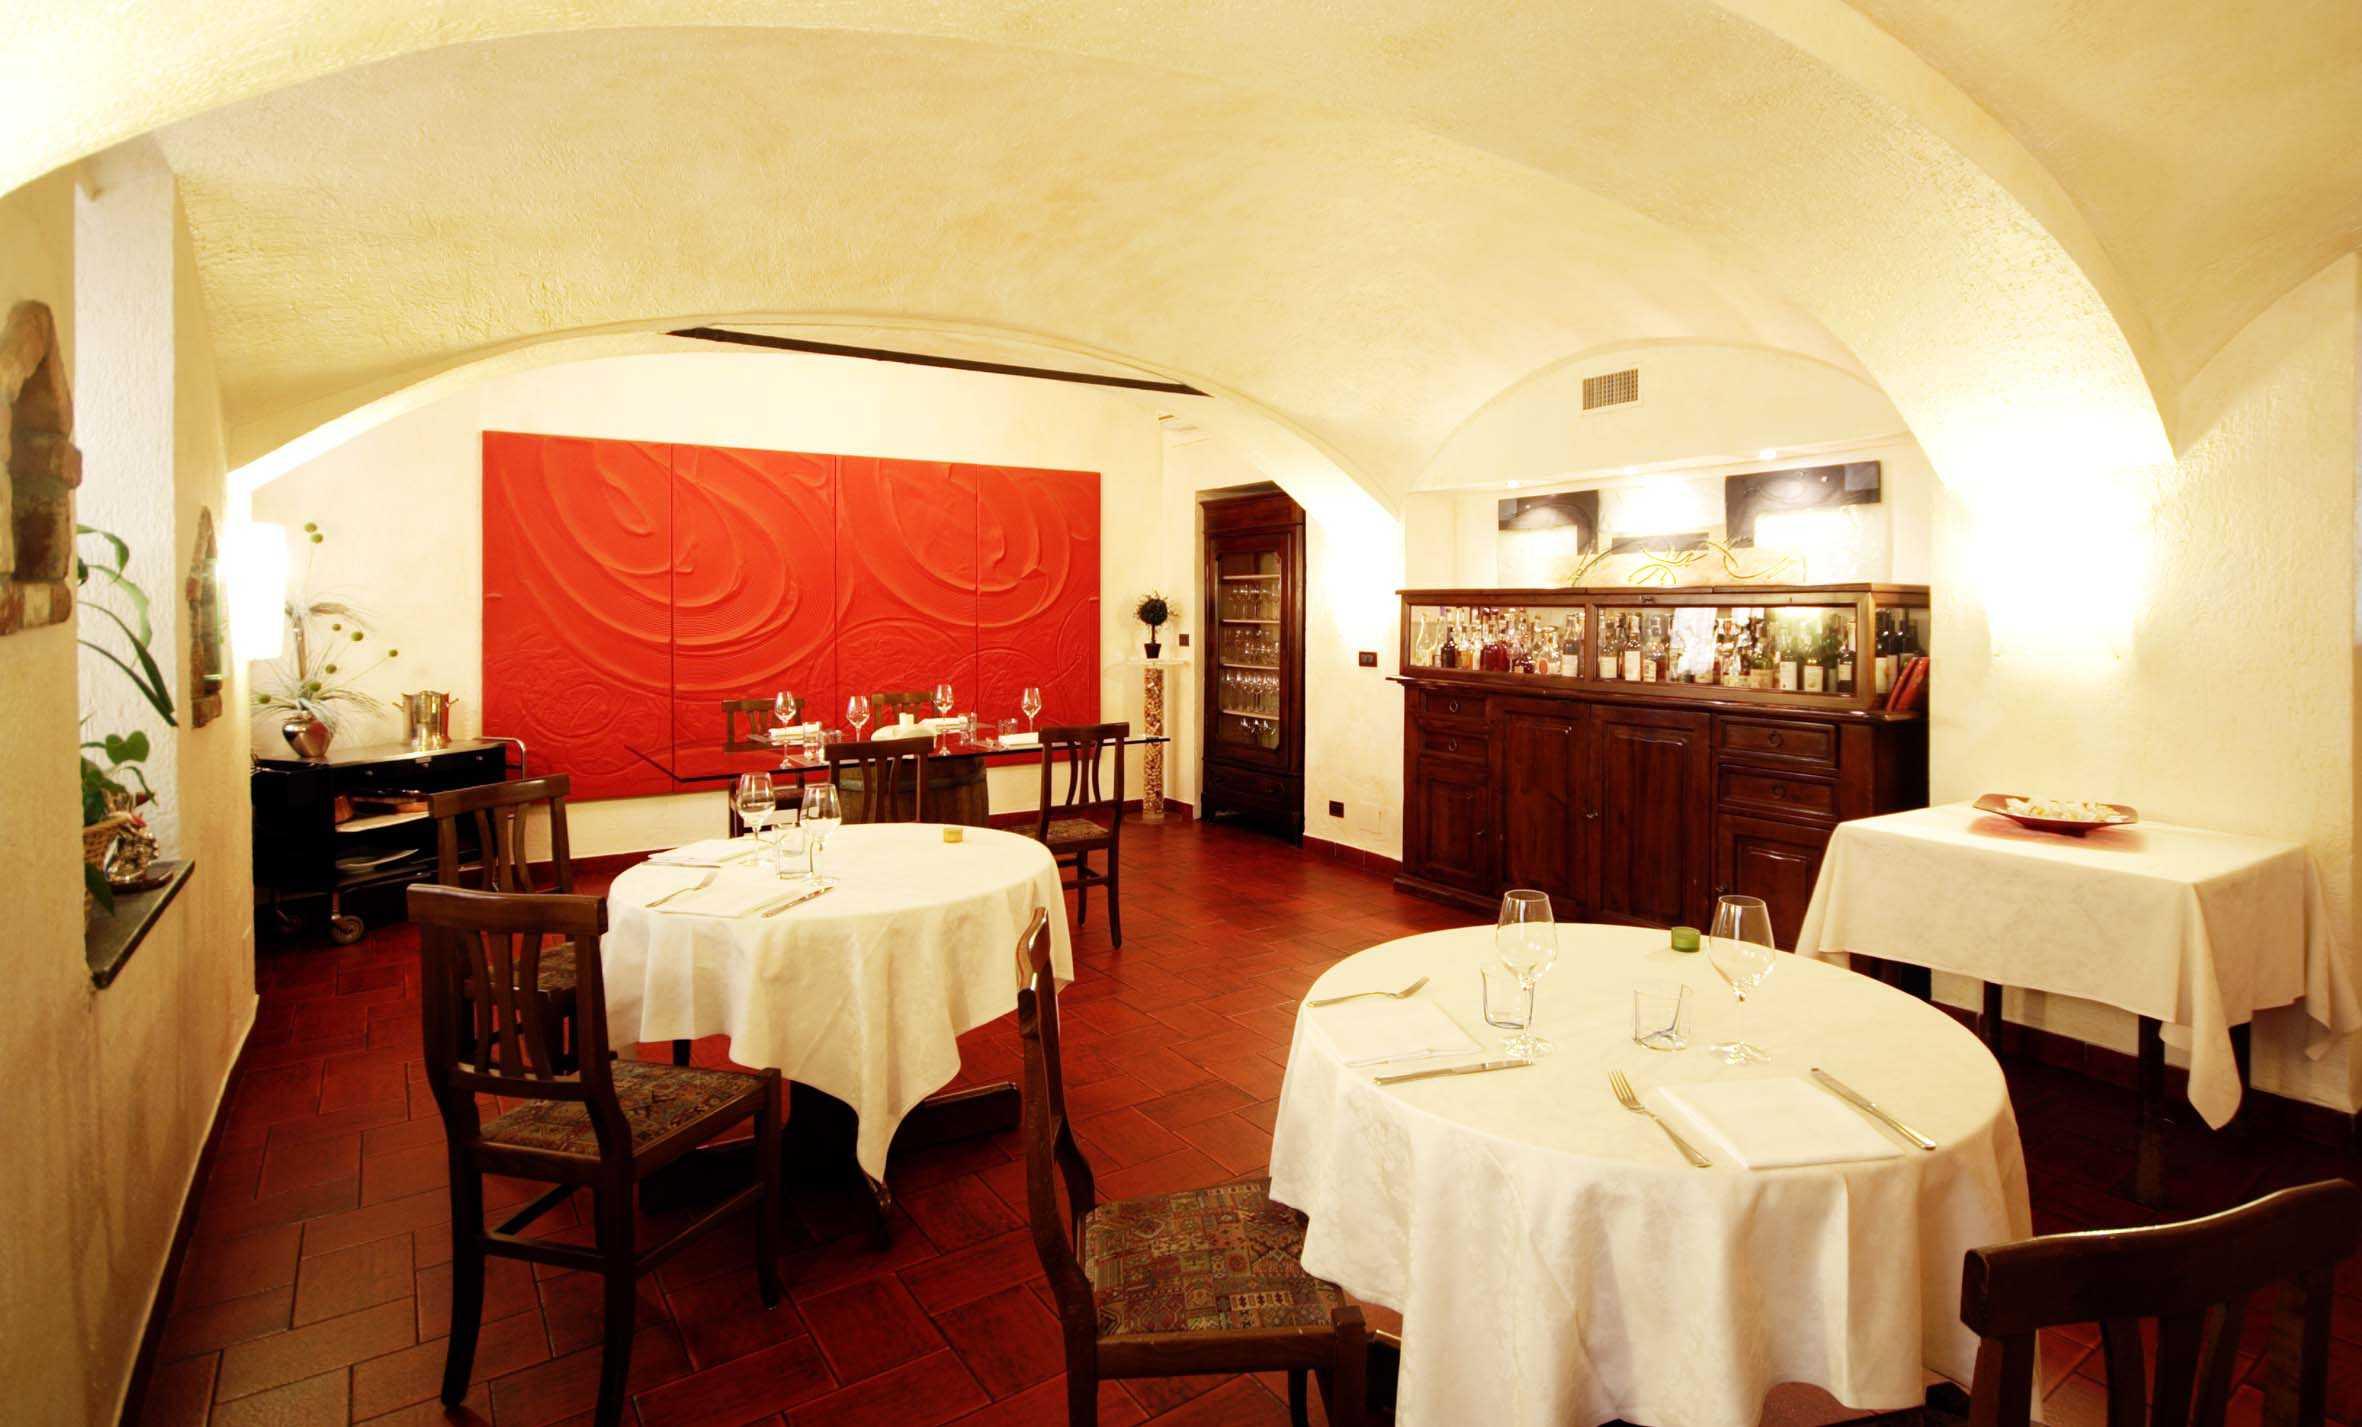 La Credenza San Maurizio : Guanciale in salsa affumicata picture of la credenza san